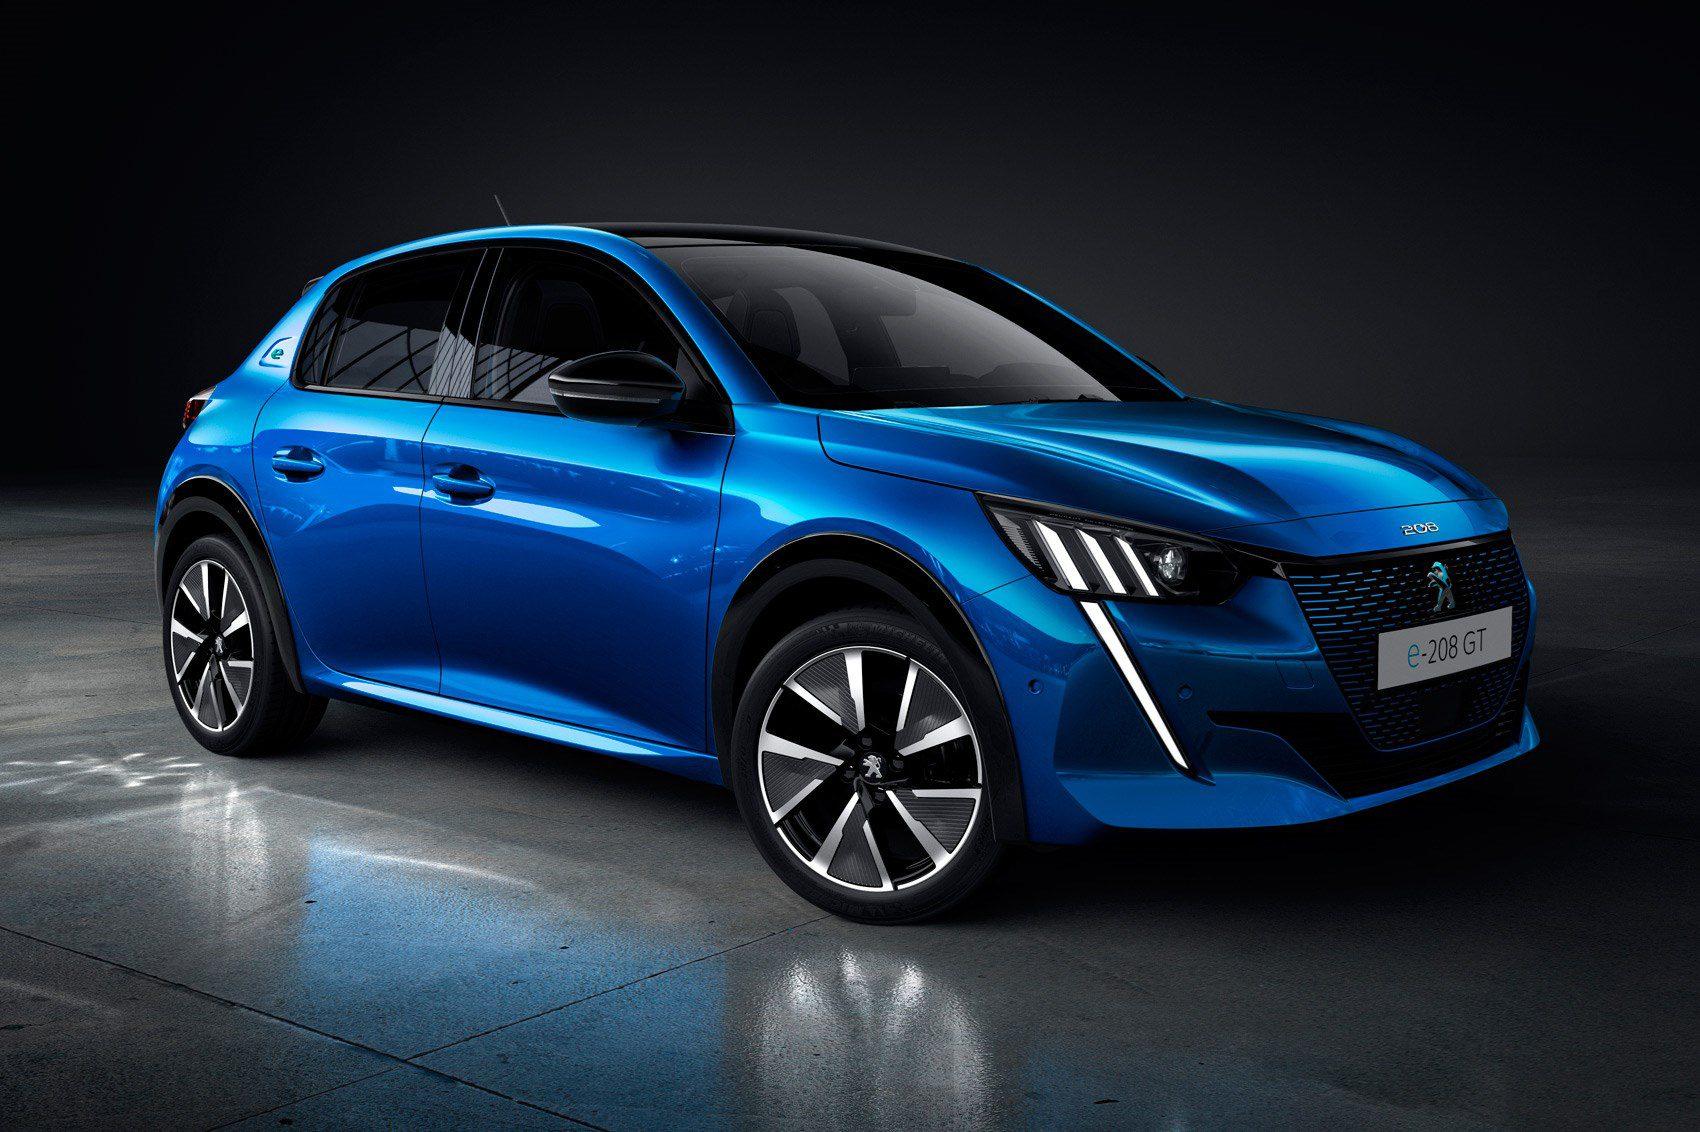 nuova Peugeot 208 e l'elettrica e-208